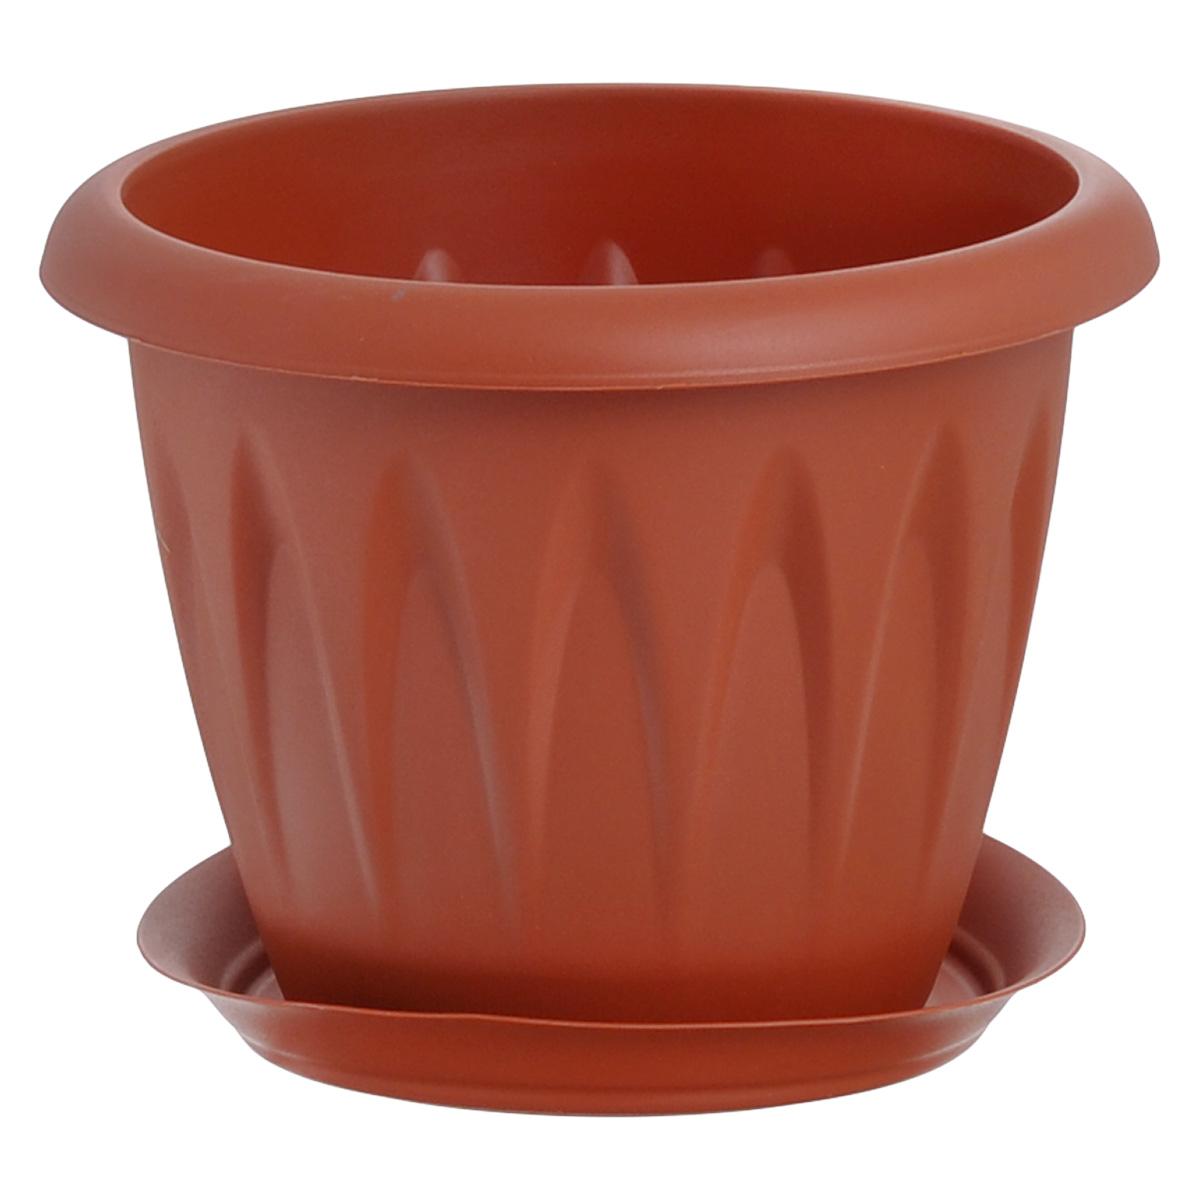 Кашпо Idea Алиция, с поддоном, цвет: терракотовый, 1,4 л531-402Кашпо Idea Алиция изготовлено из прочного полипропилена (пластика) и предназначено для выращивания растений, цветов и трав в домашних условиях. Круглый поддон обеспечивает сток воды. Такое кашпо порадует вас функциональностью, а благодаря лаконичному дизайну впишется в любой интерьер помещения. Диаметр кашпо по верхнему краю: 16 см. Объем кашпо: 1,4 л.